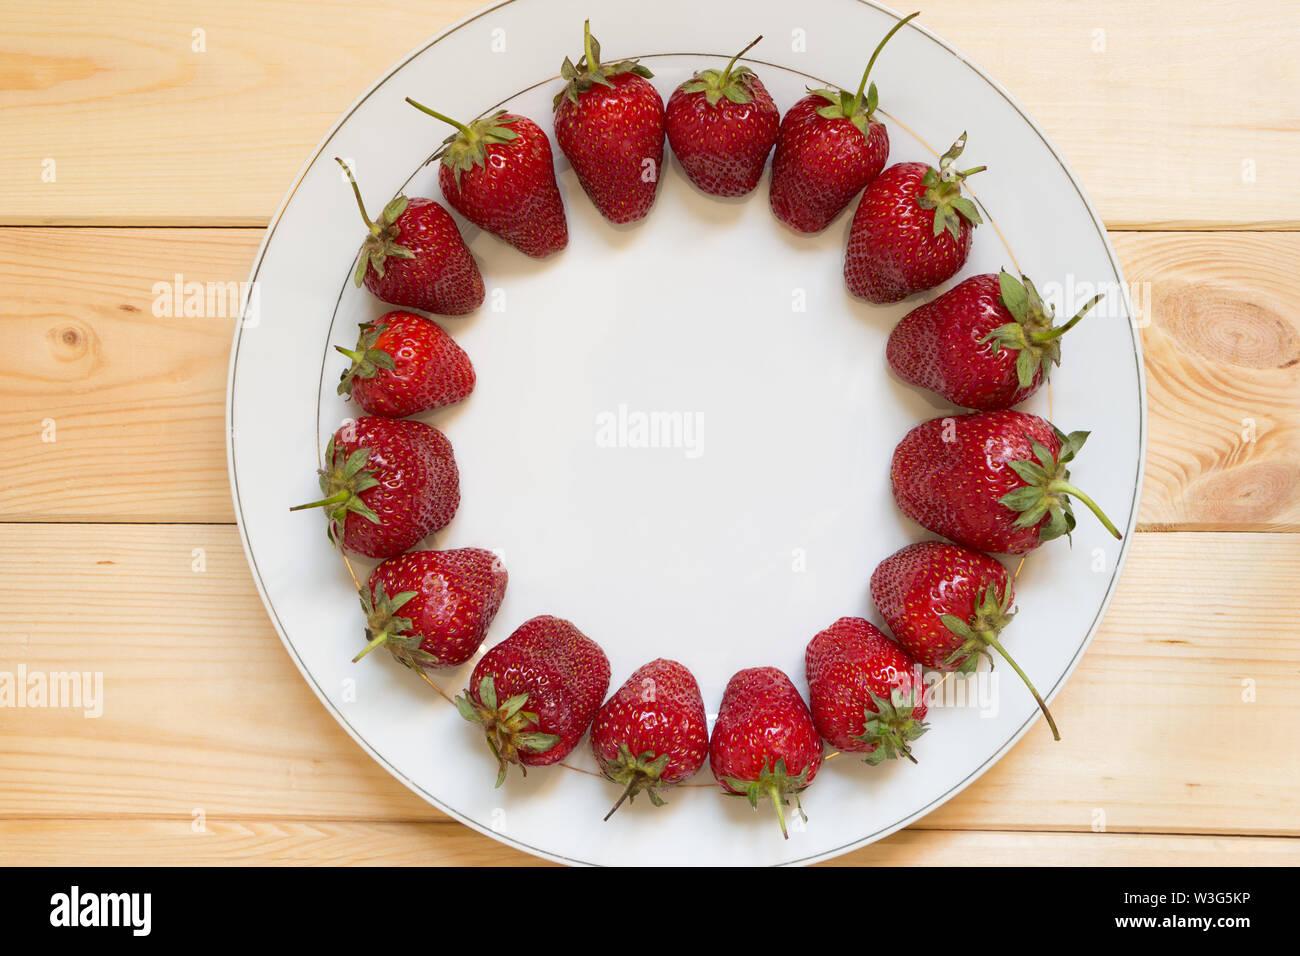 Les fraises mûres rouges disposées en cercle sur la plaque blanche sur table en bois clair. Copie de l'espace dans le centre du châssis. Place pour le texte. Délicieux natur Banque D'Images